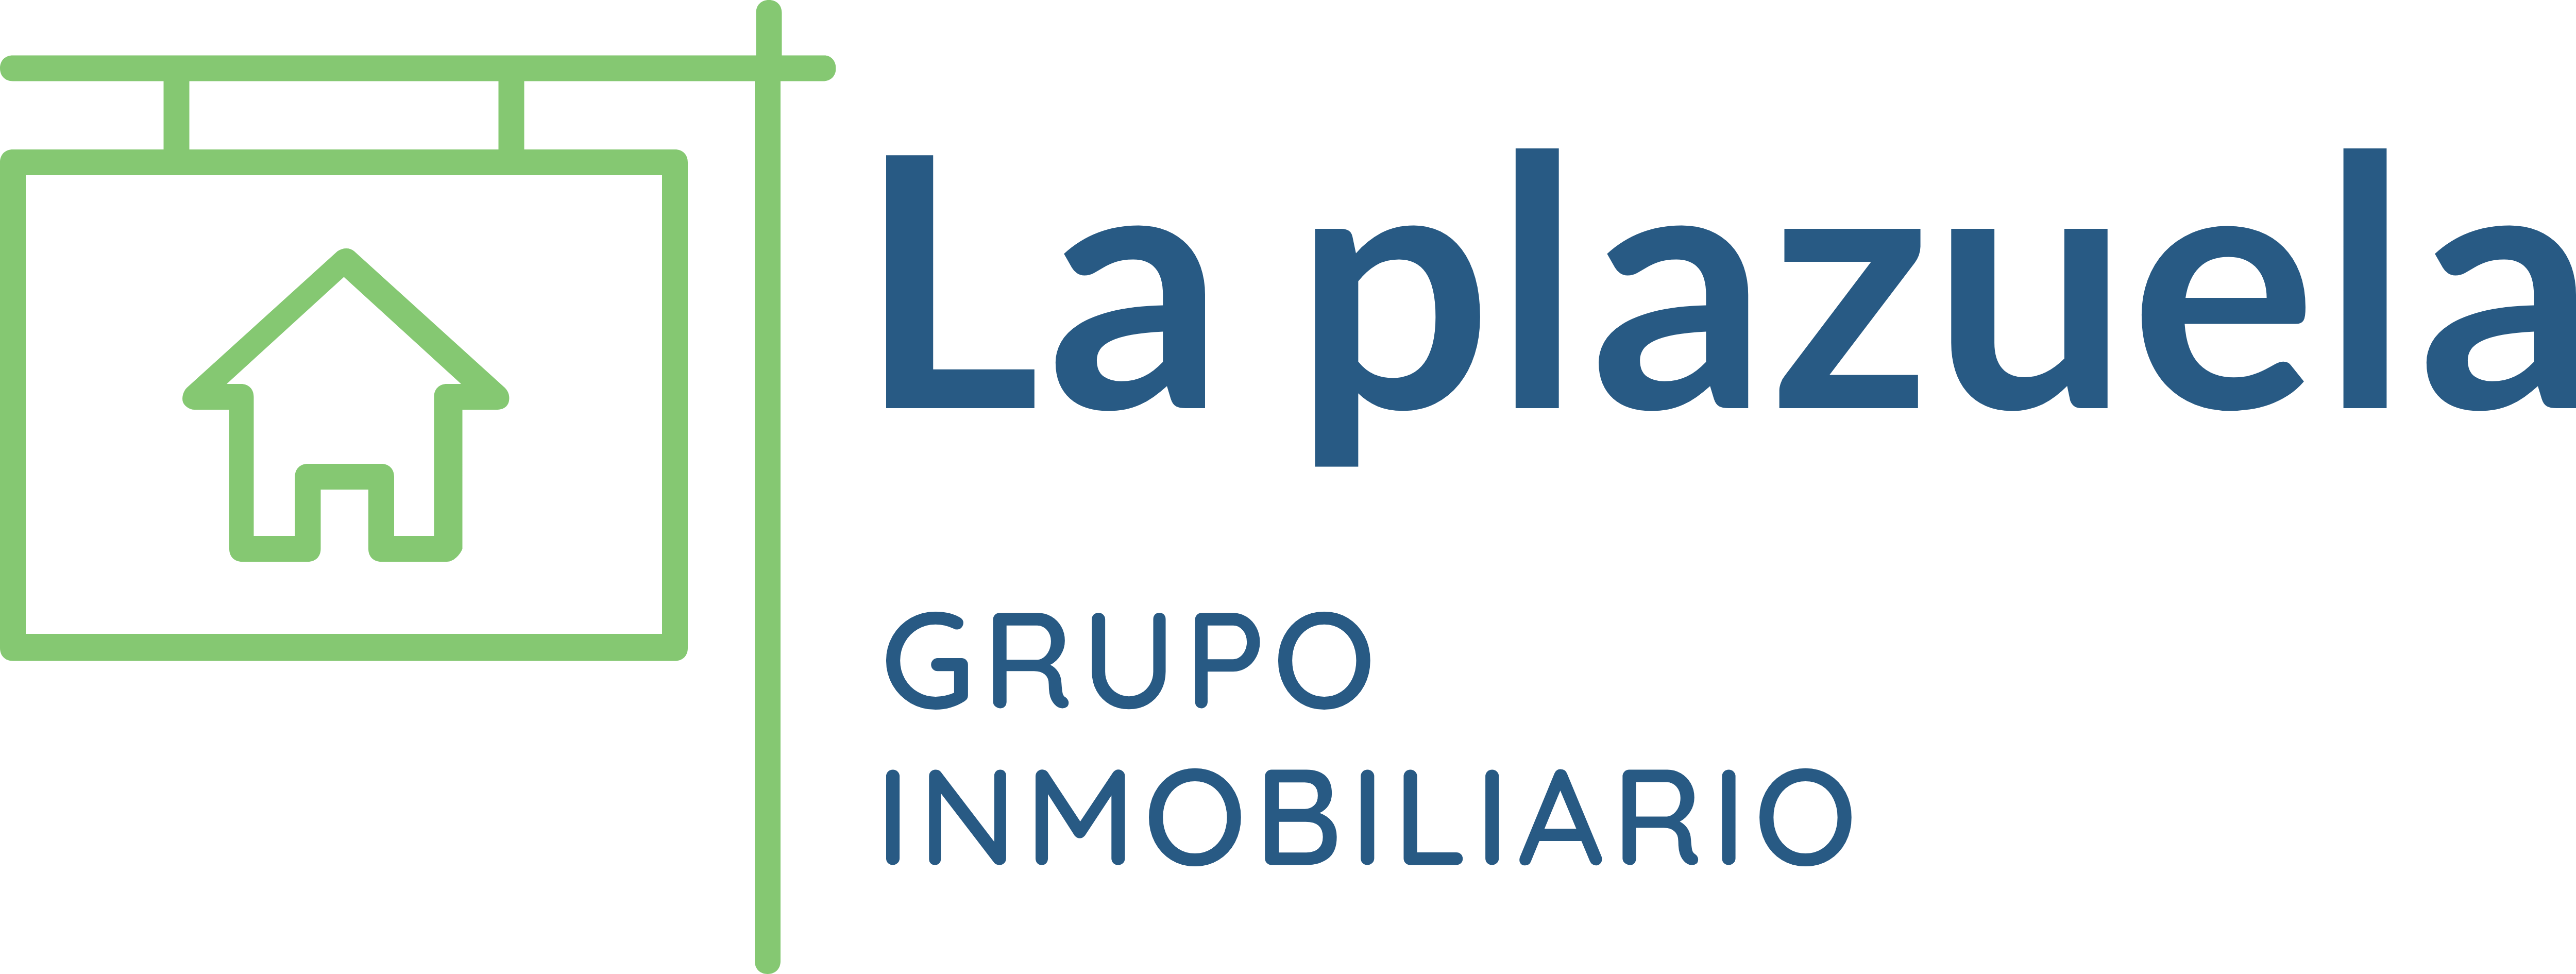 logotipo de empresa Grupo Inmobiliario La Plazuela